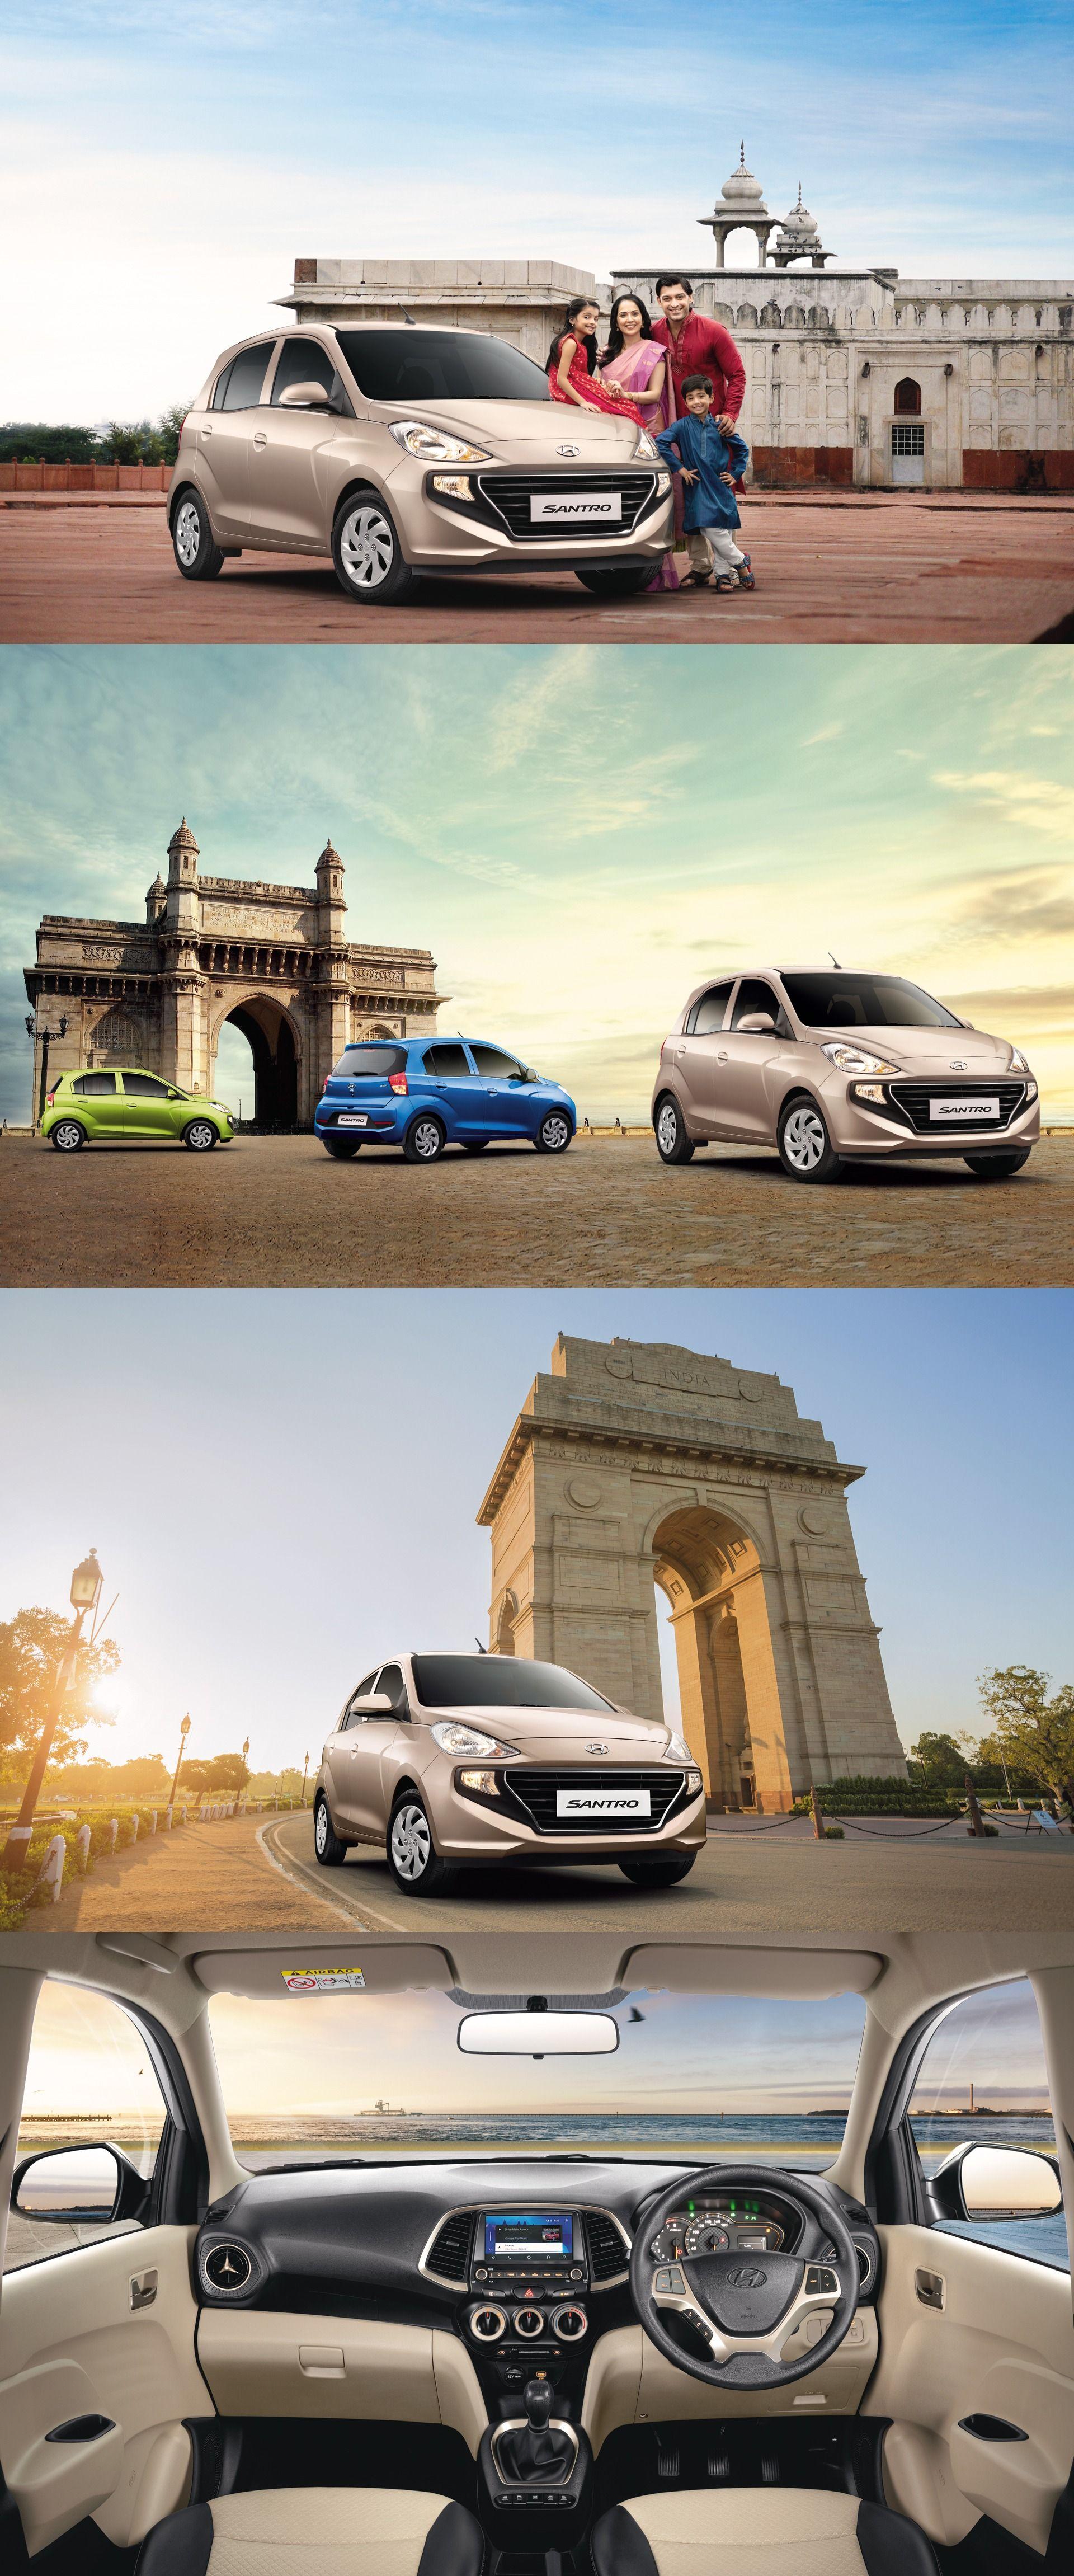 Hyundai Launches the allnew Santro at Rs 3.89 lakh